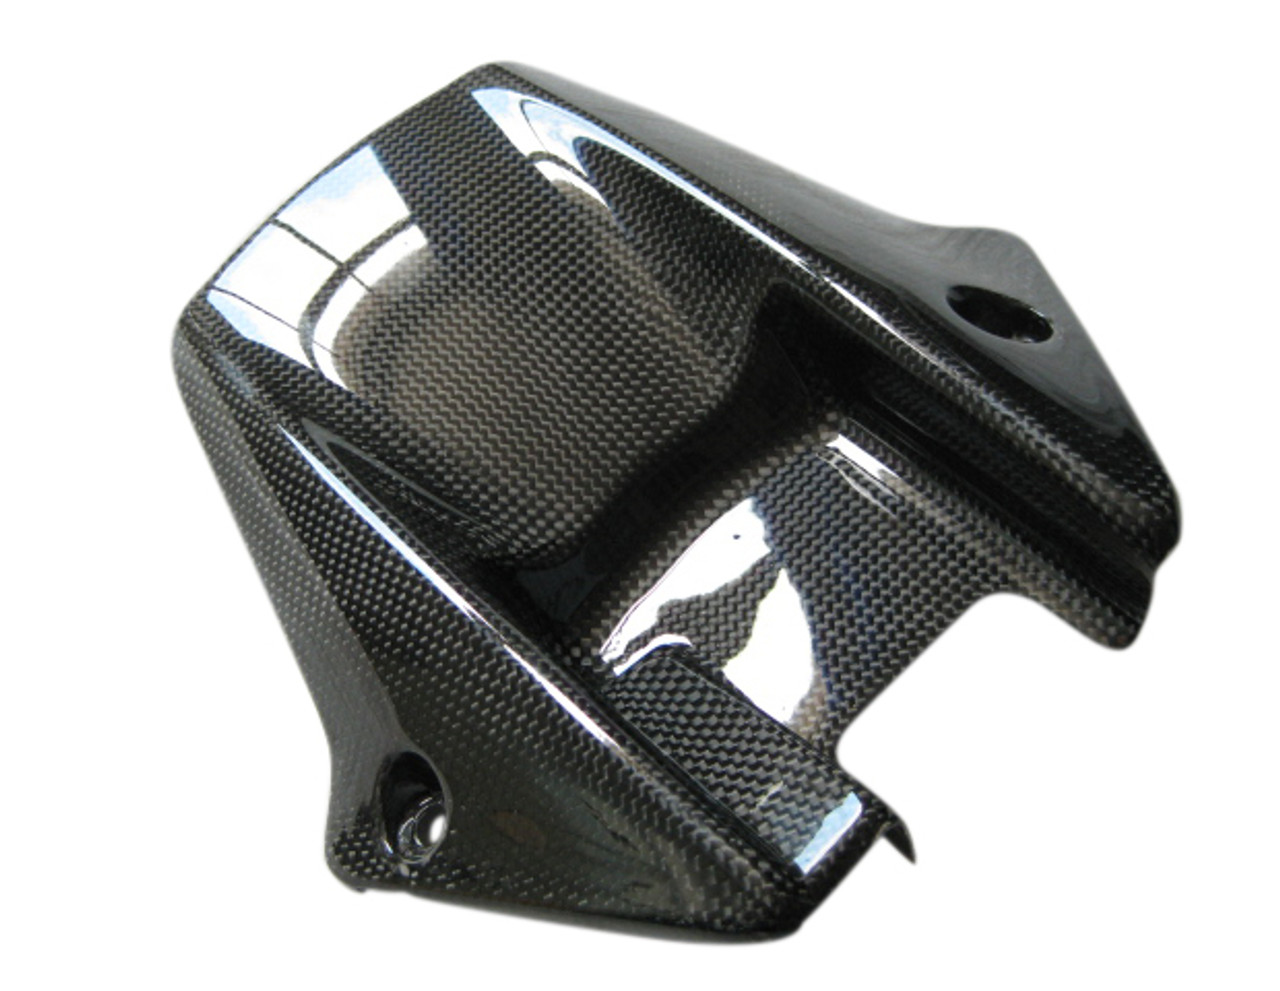 Glossy Plain Weave Carbon Fiber Rear Hugger for Honda CBR 1000RR 08-11